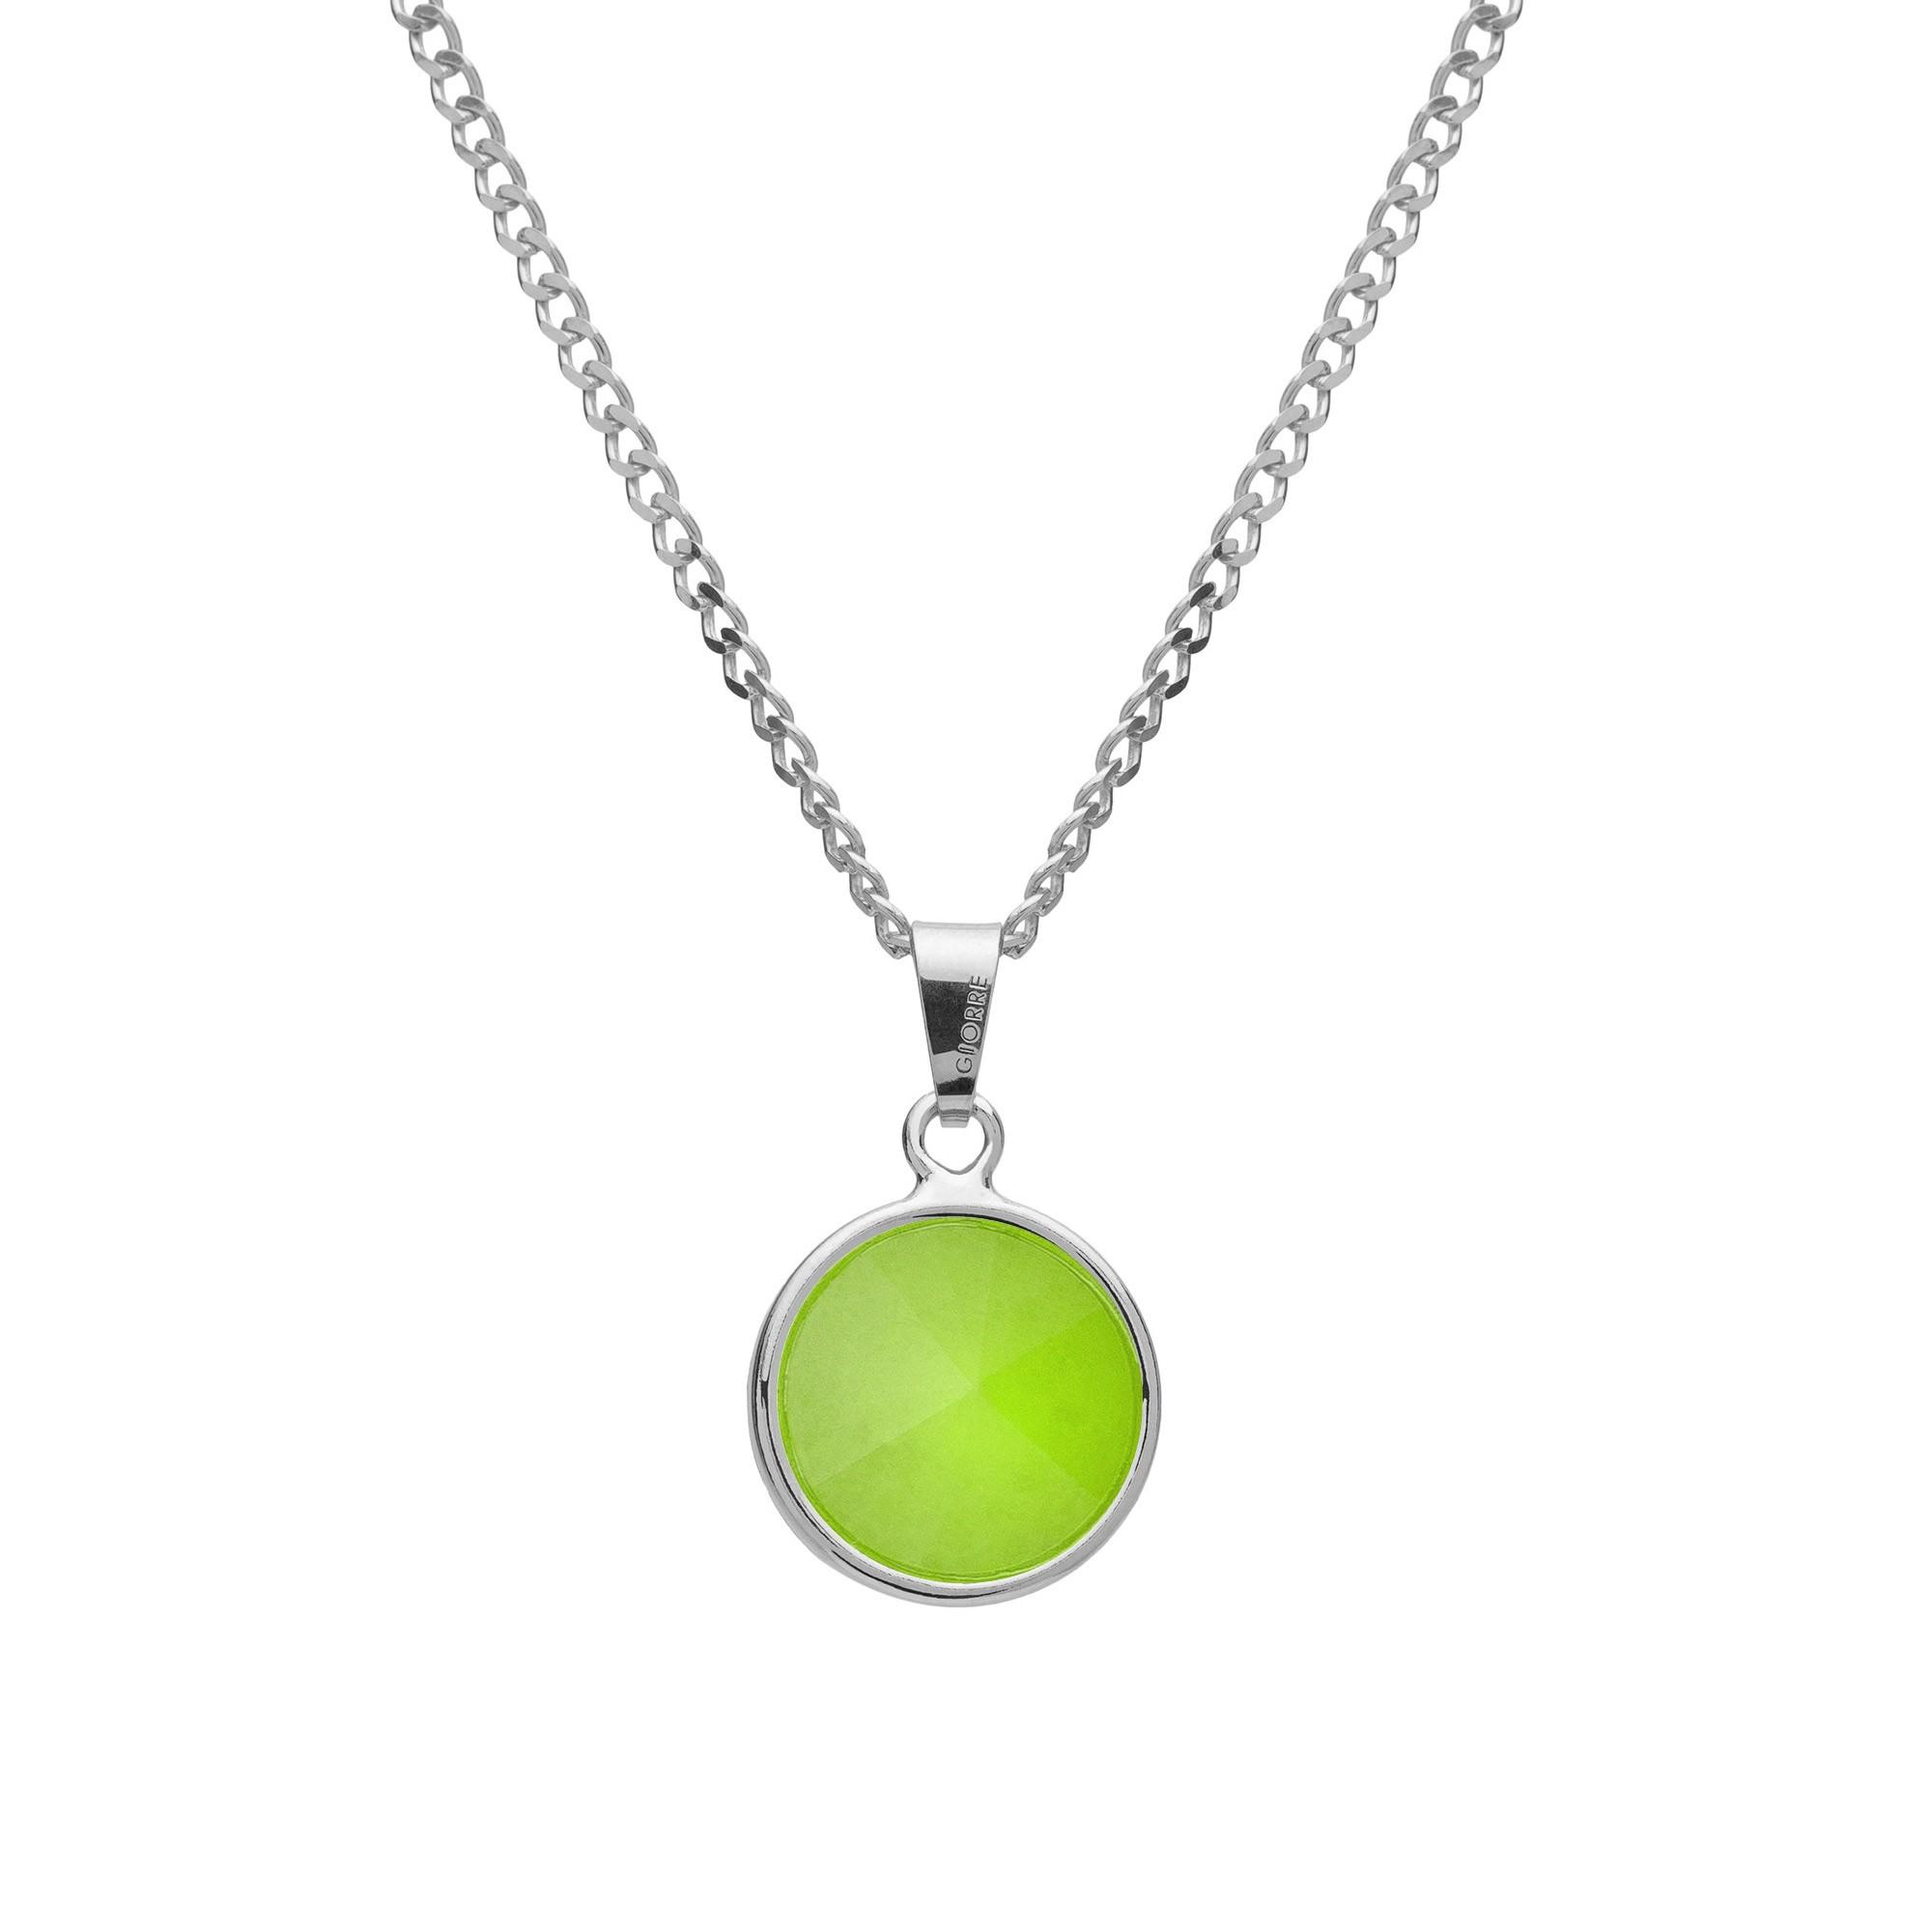 Srebrny naszyjnik z naturalnym kamieniem - chryzopraz jasny zielony srebro 925